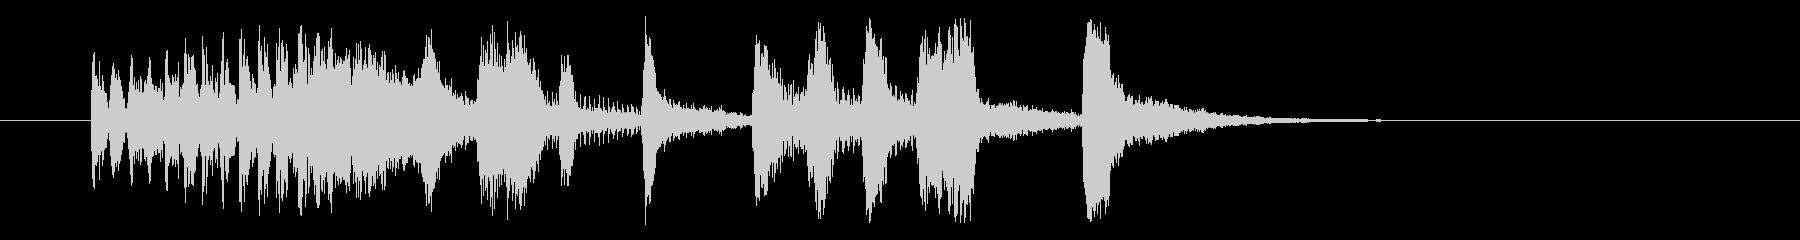 しなやかでクールなシンセジングルの未再生の波形